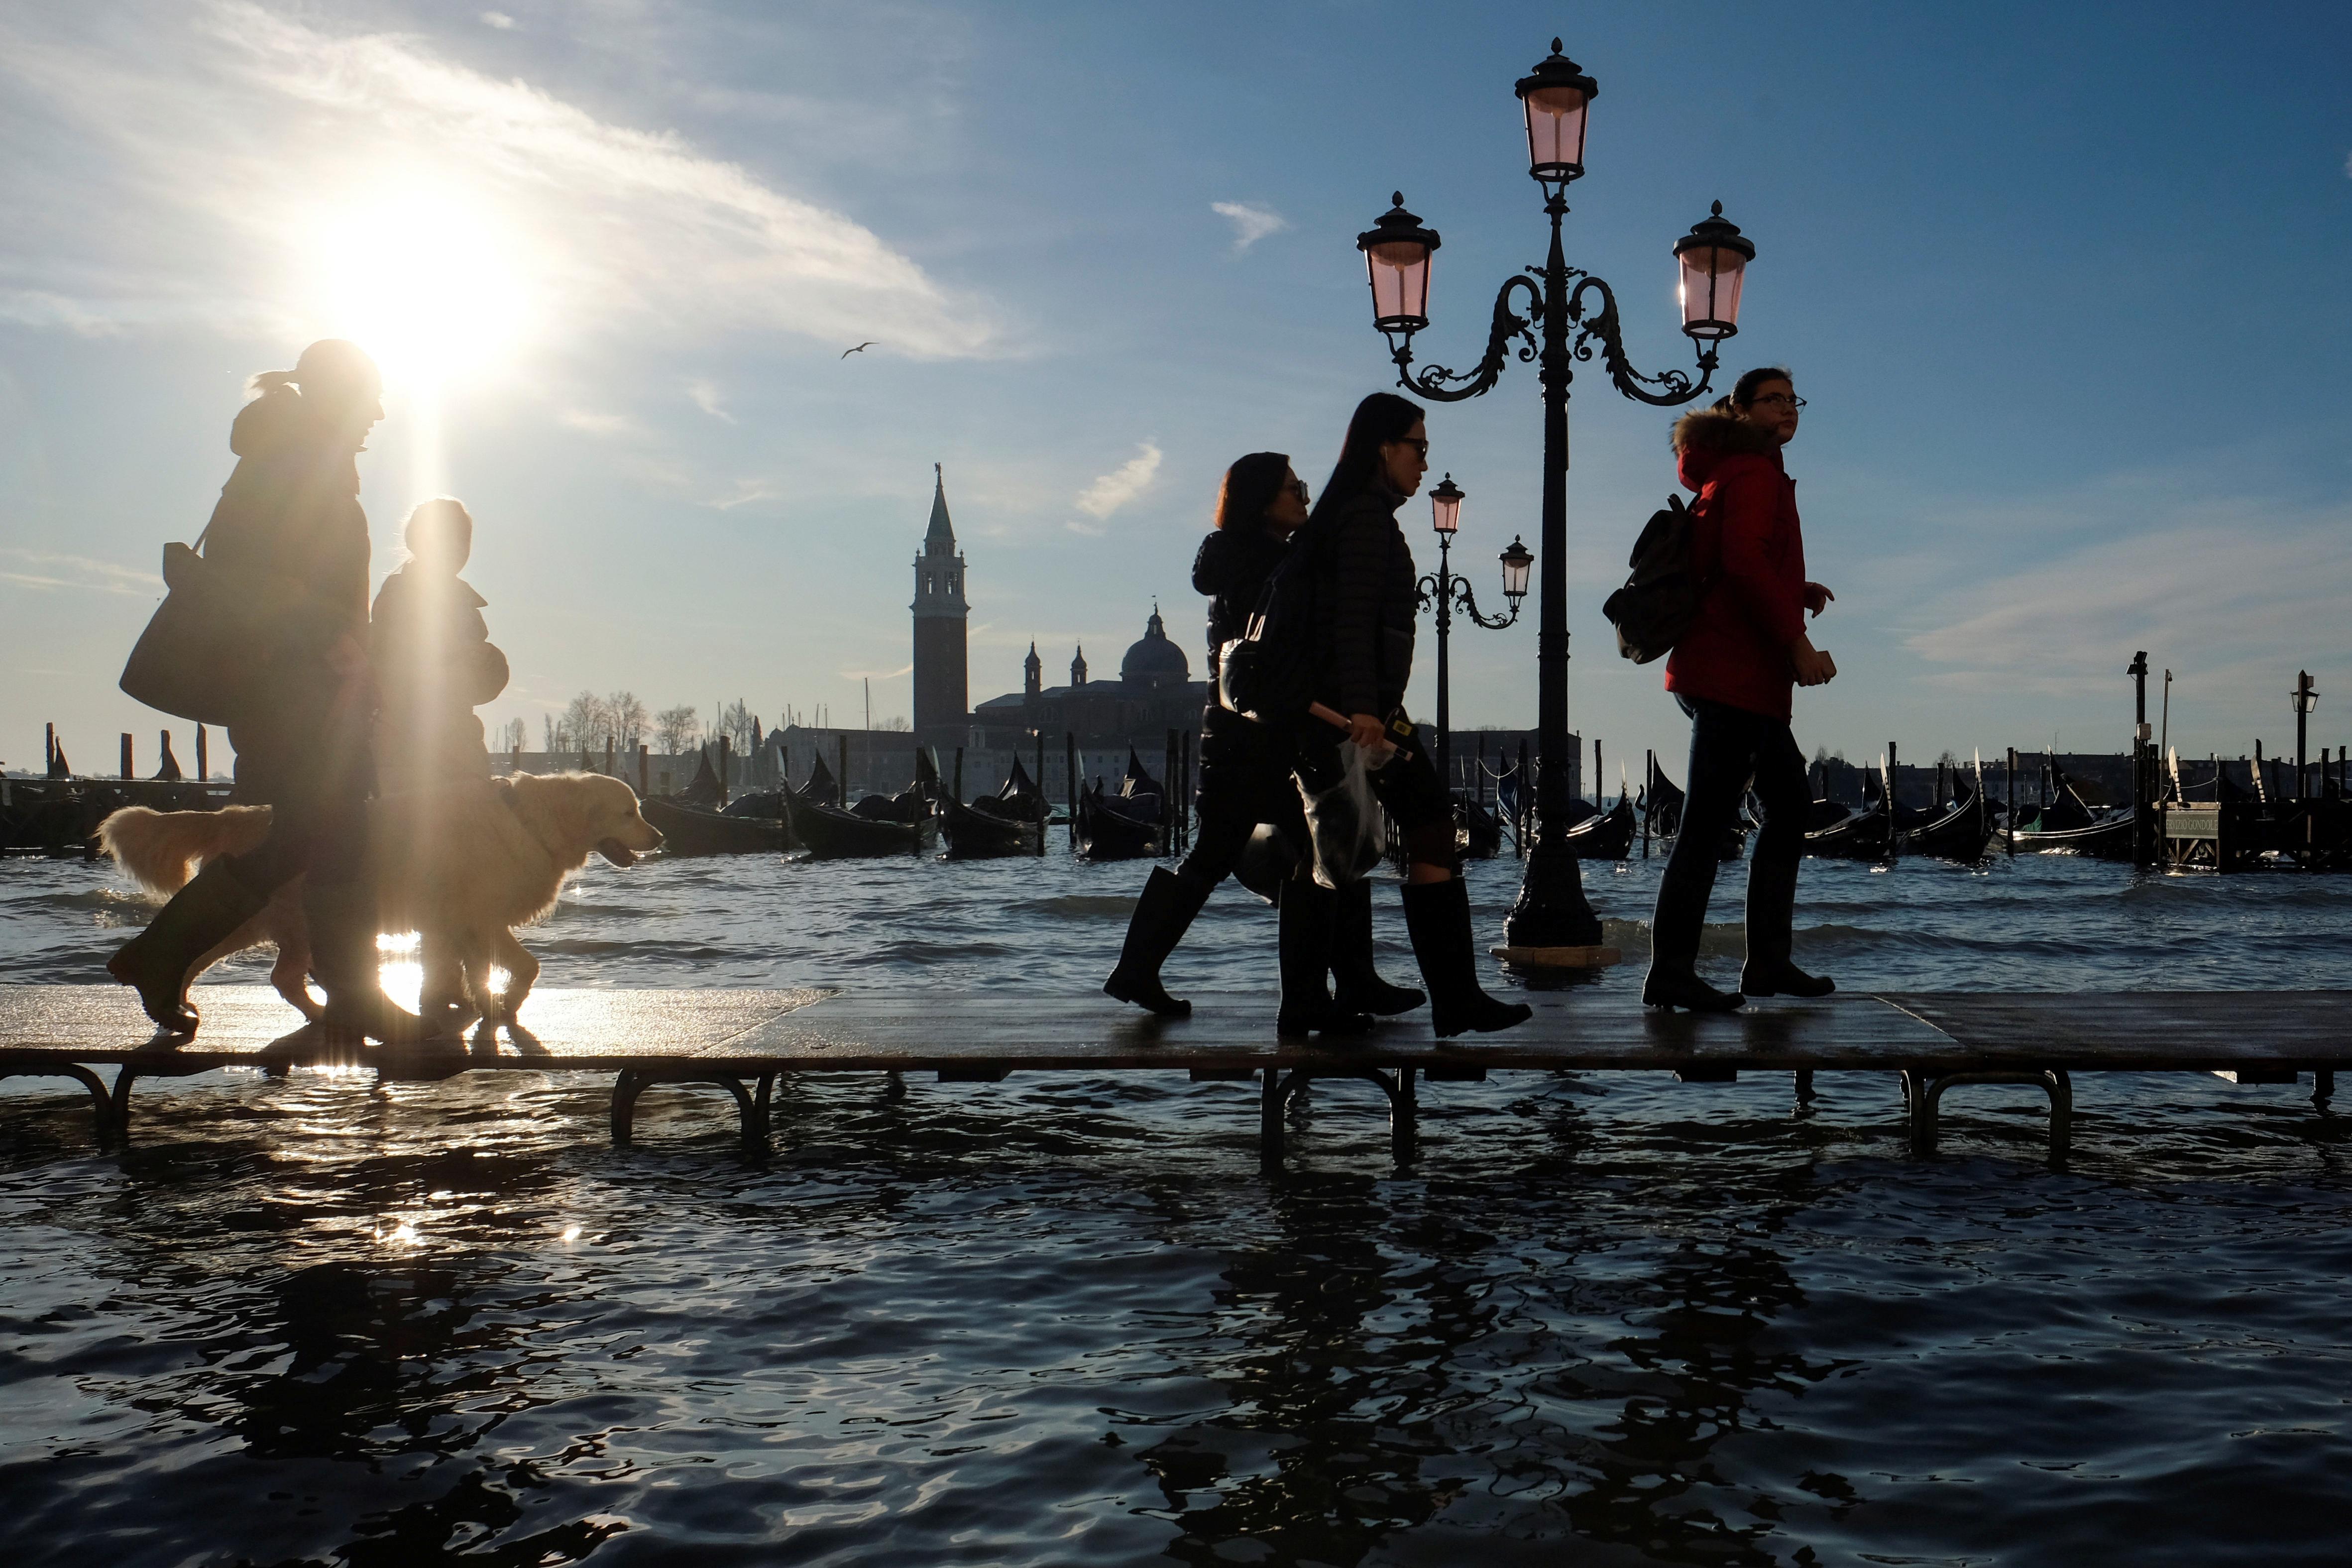 La gente camina durante la marea alta en Venecia, (REUTERS/Manuel Silvestri)